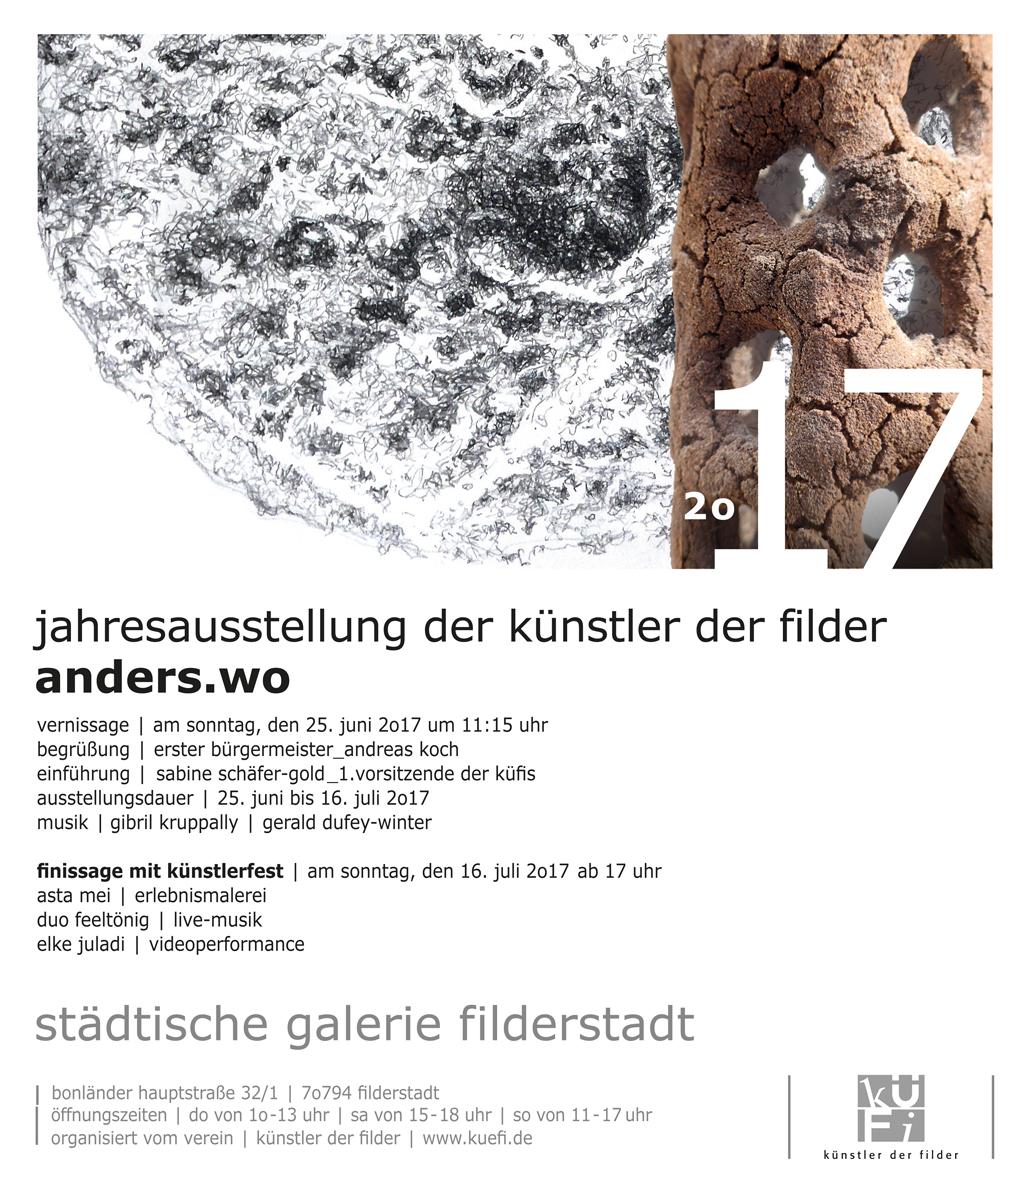 Einladung zur Jahresausstellung der Künstler der Filder 2017